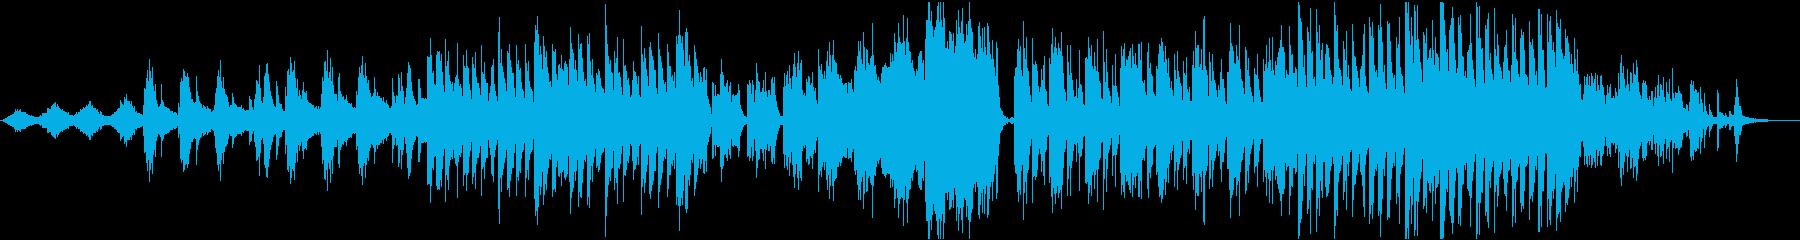 シンセ&ピアノ ゆったりヒーリング 星の再生済みの波形